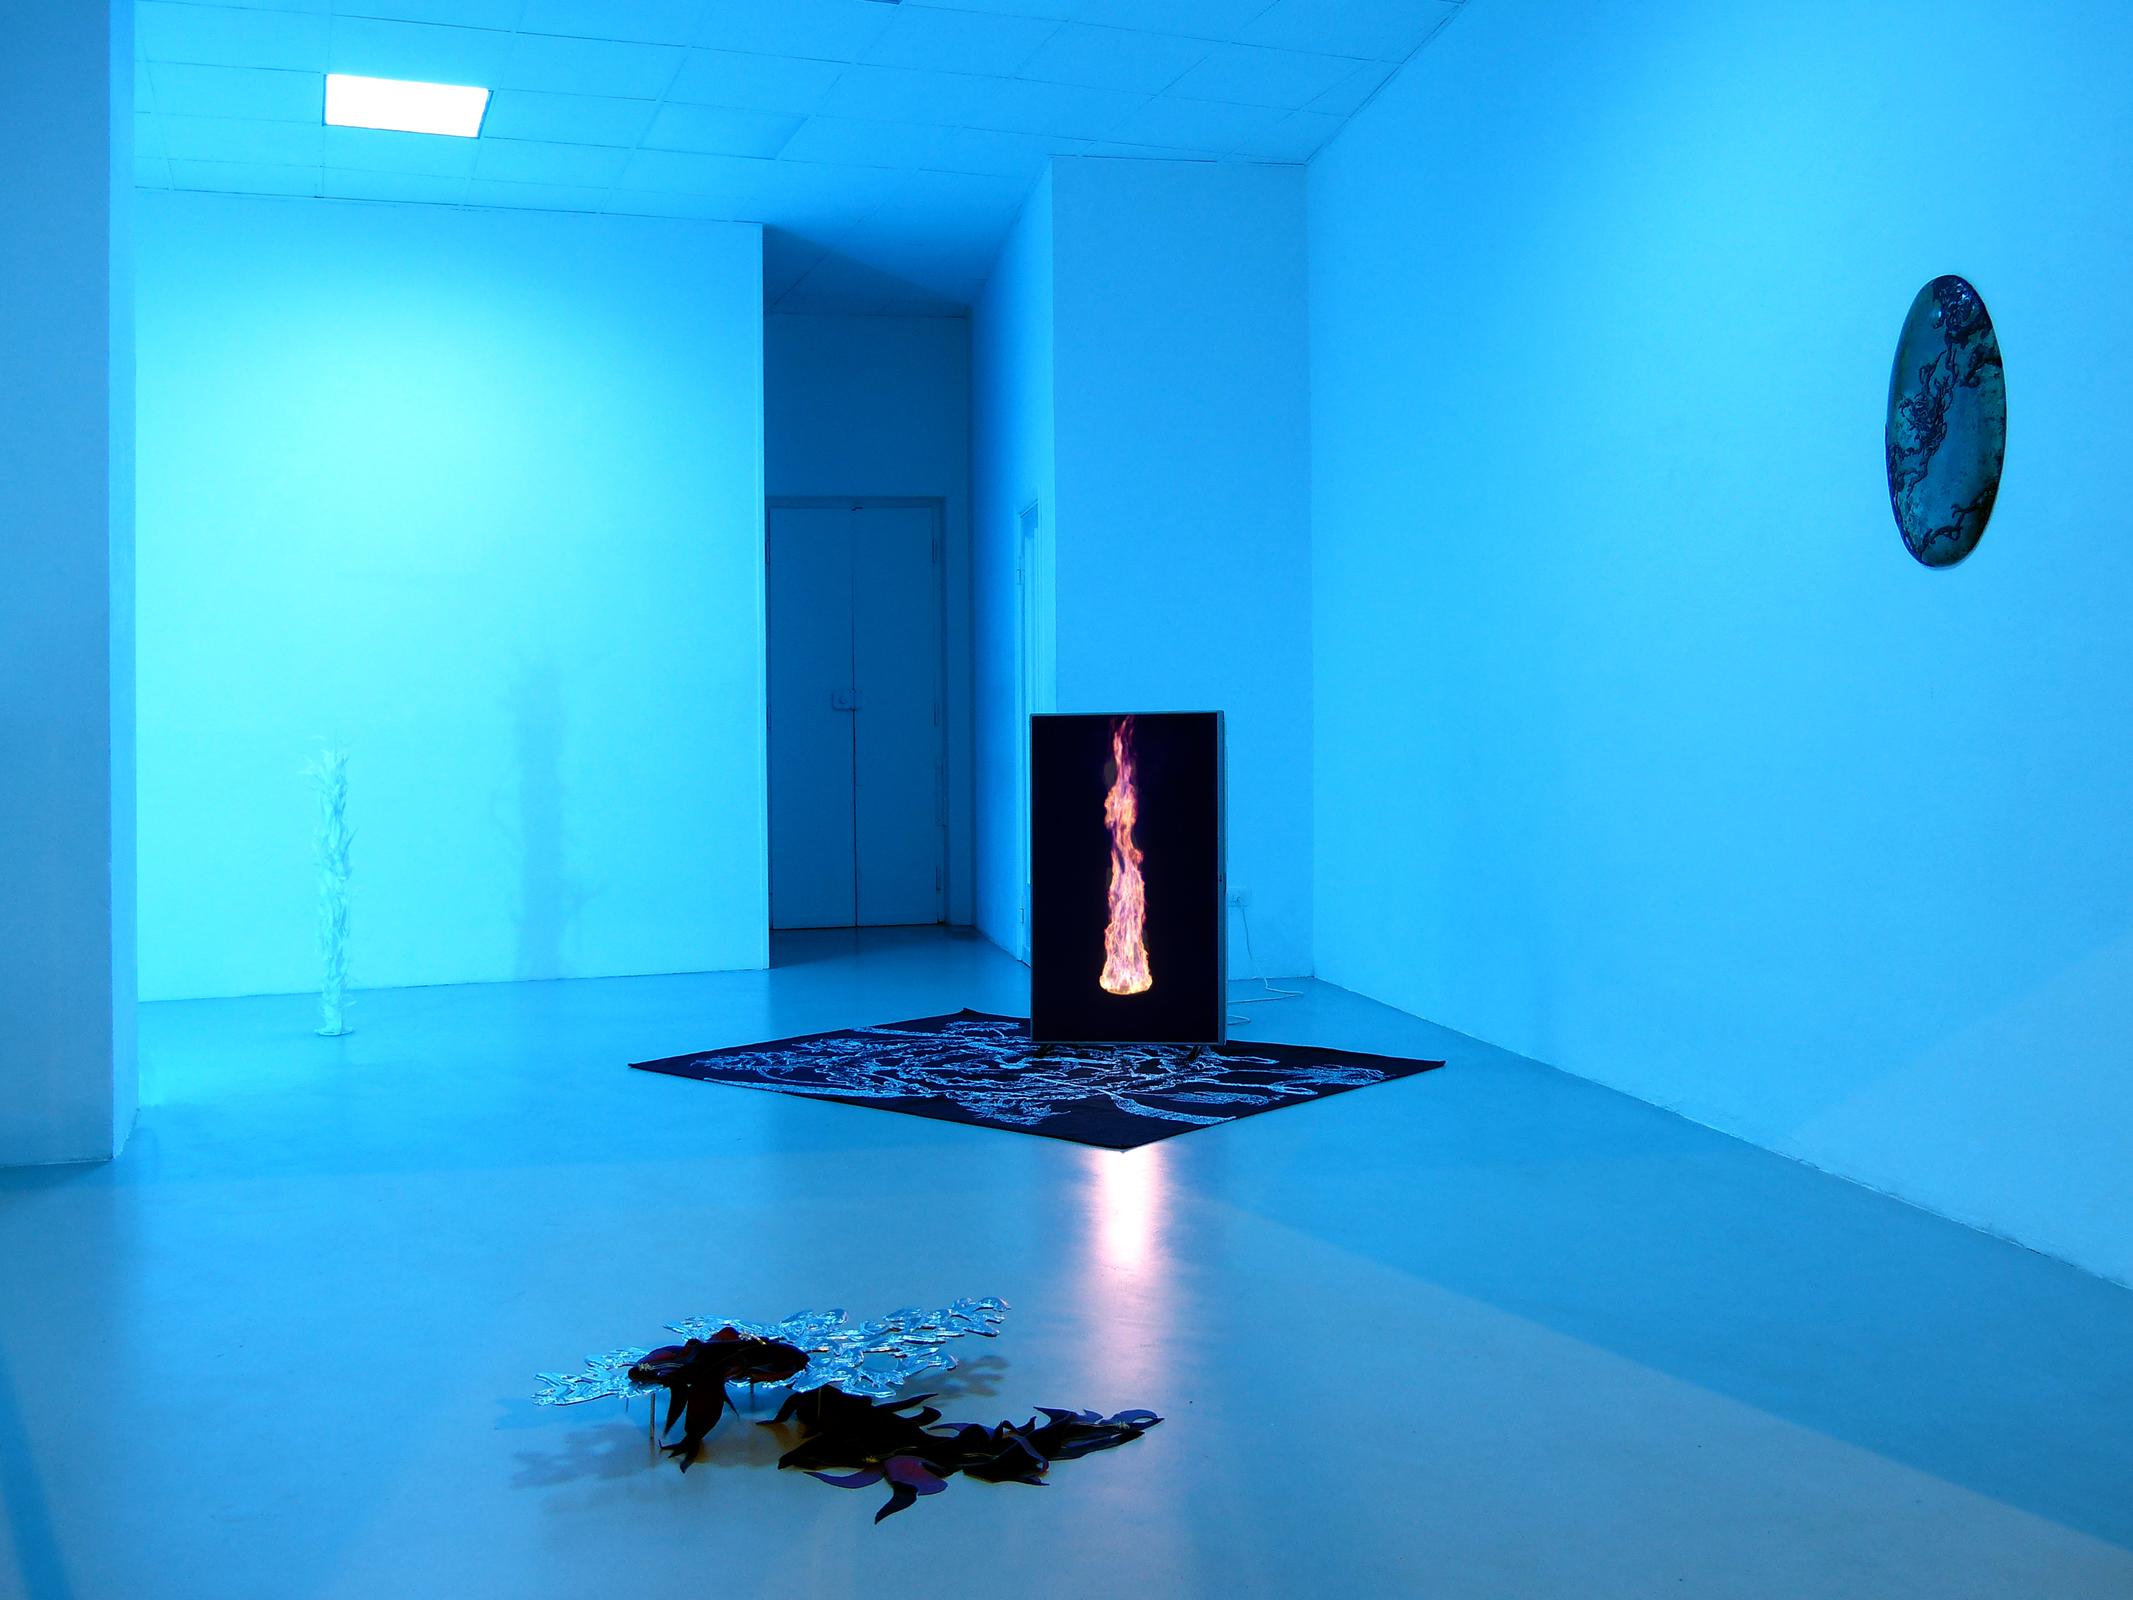 1 Paolo Brambilla - Fiordiluna, exhibition view, Dimora Artica.JPG